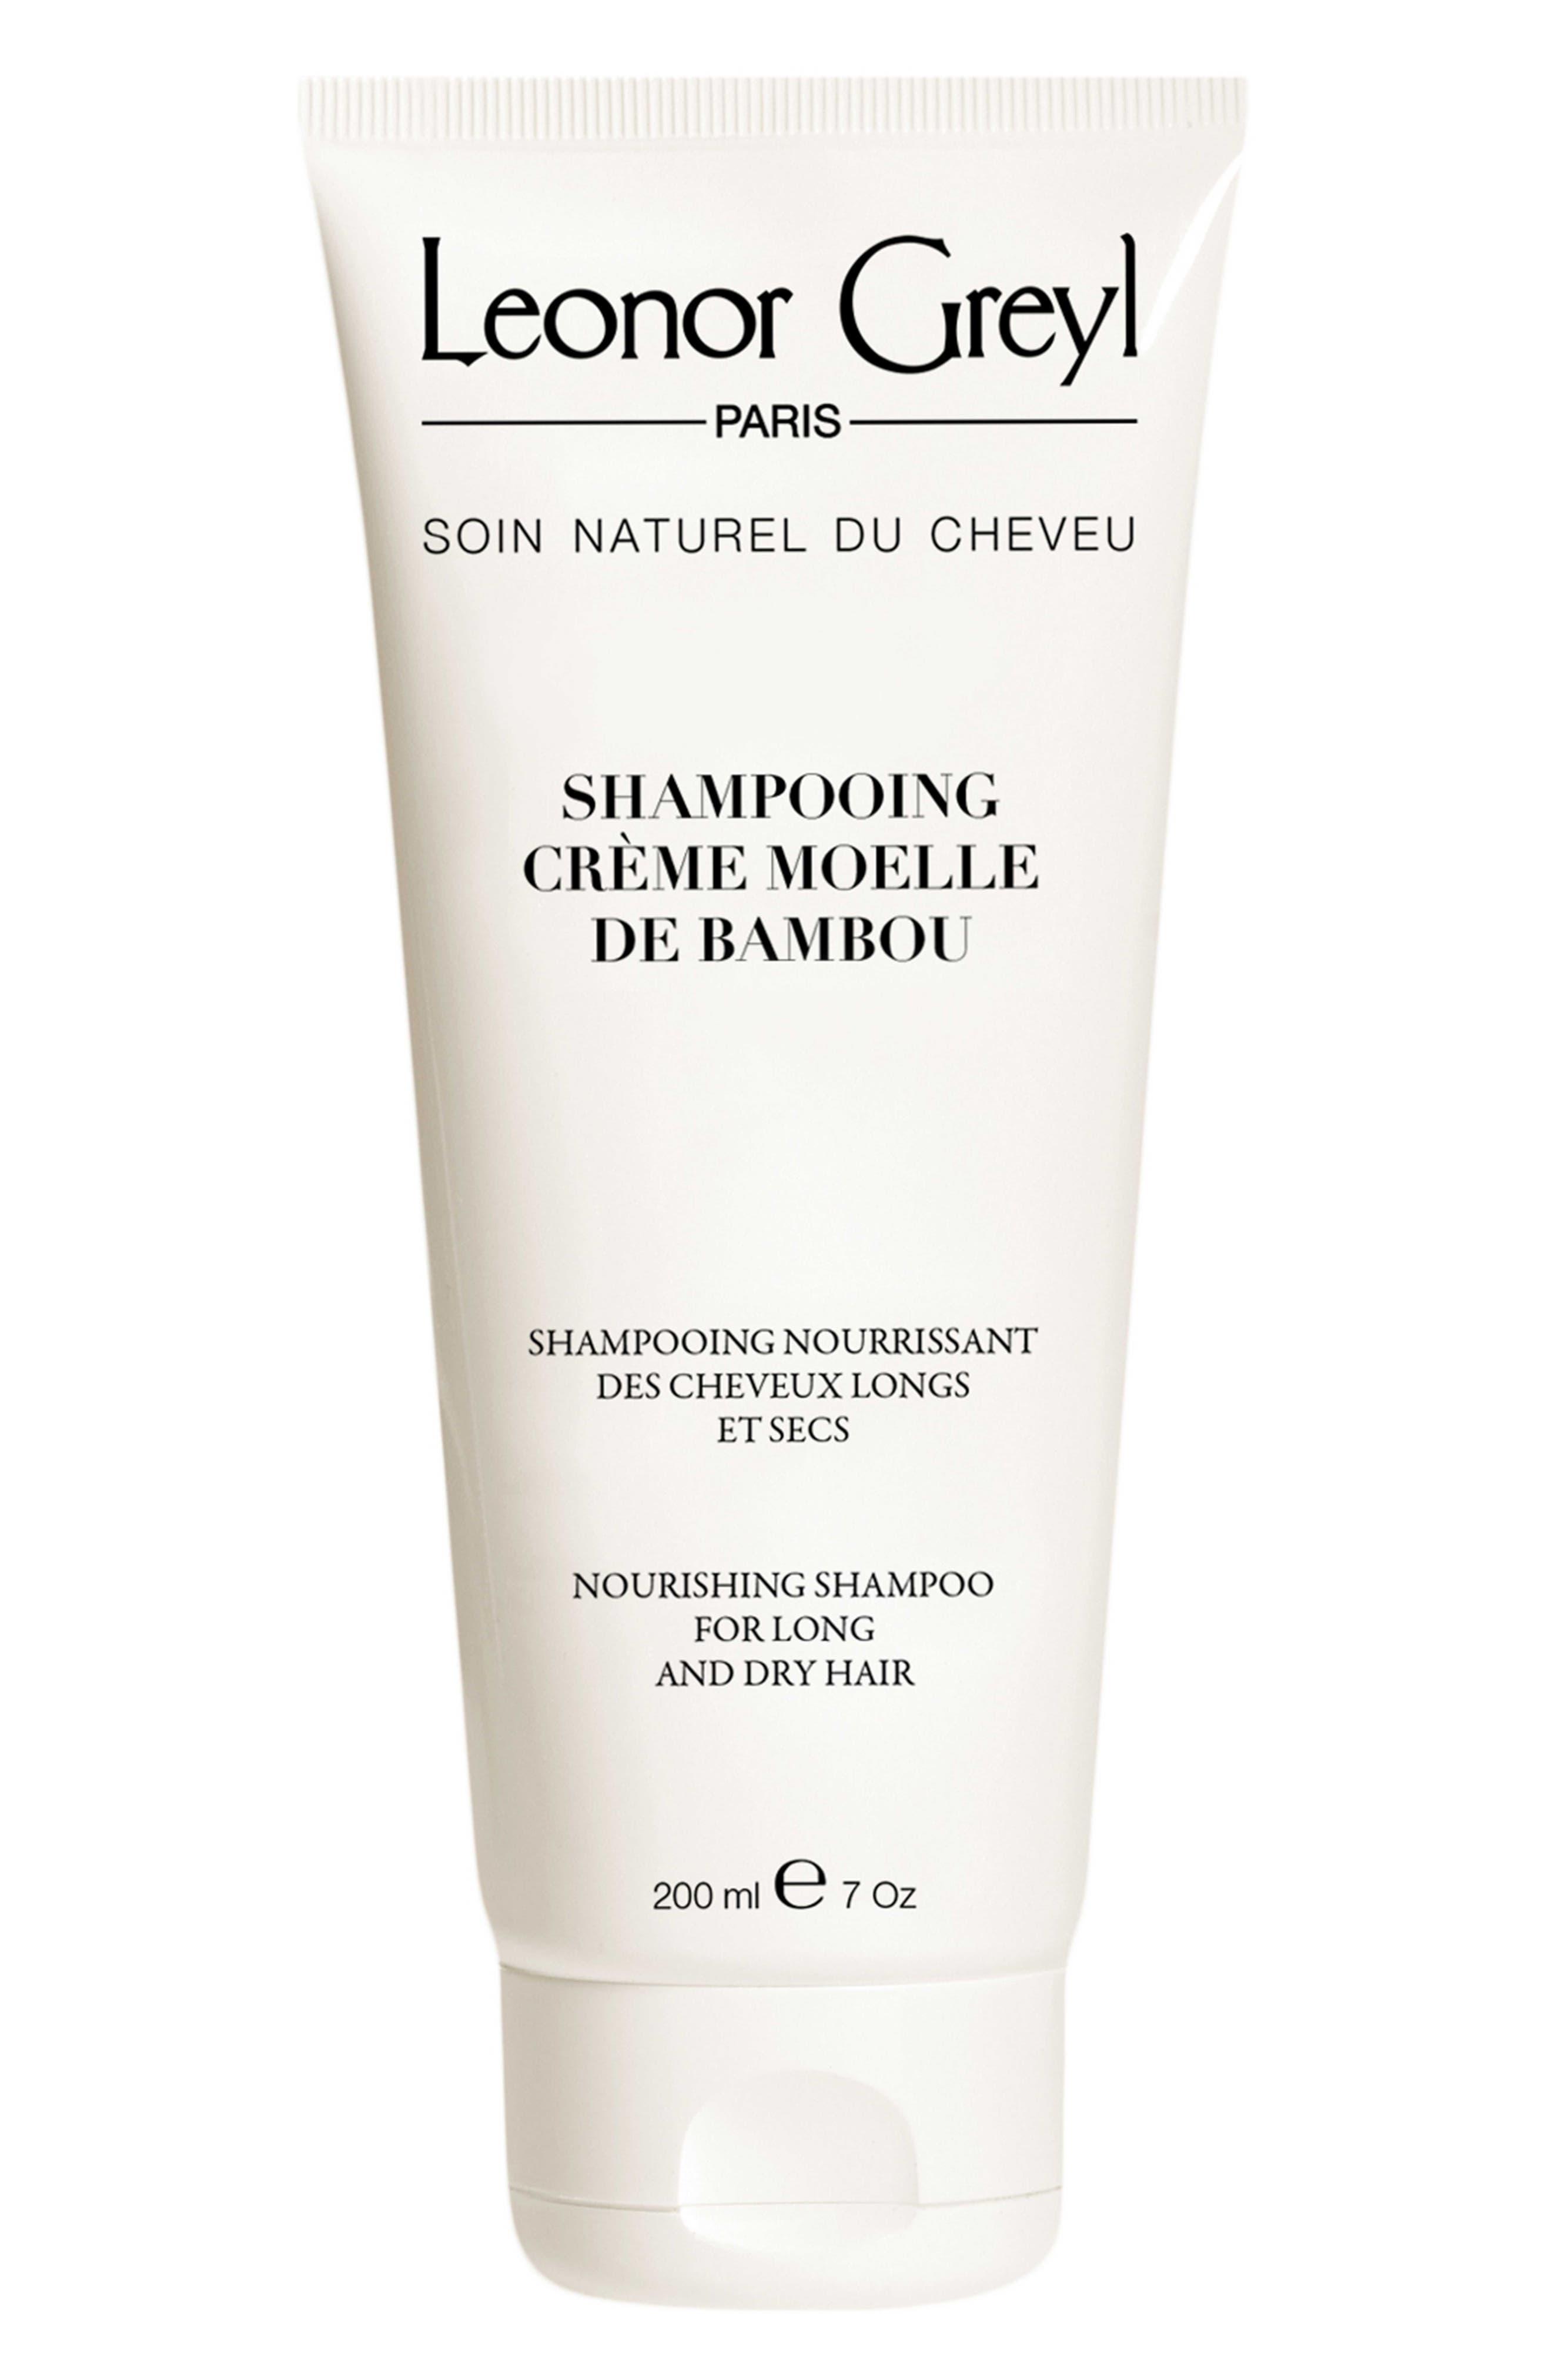 Main Image - Leonor Greyl PARIS 'Crème Moelle de Bambou' Nourishing Shampoo